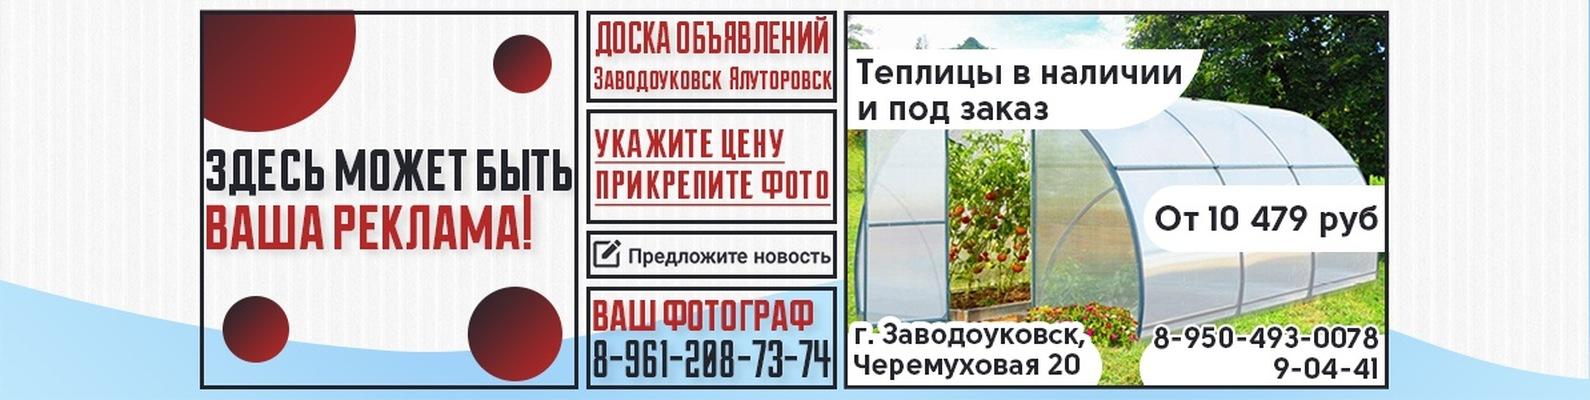 Частные объявления девушек в Заводоуковске